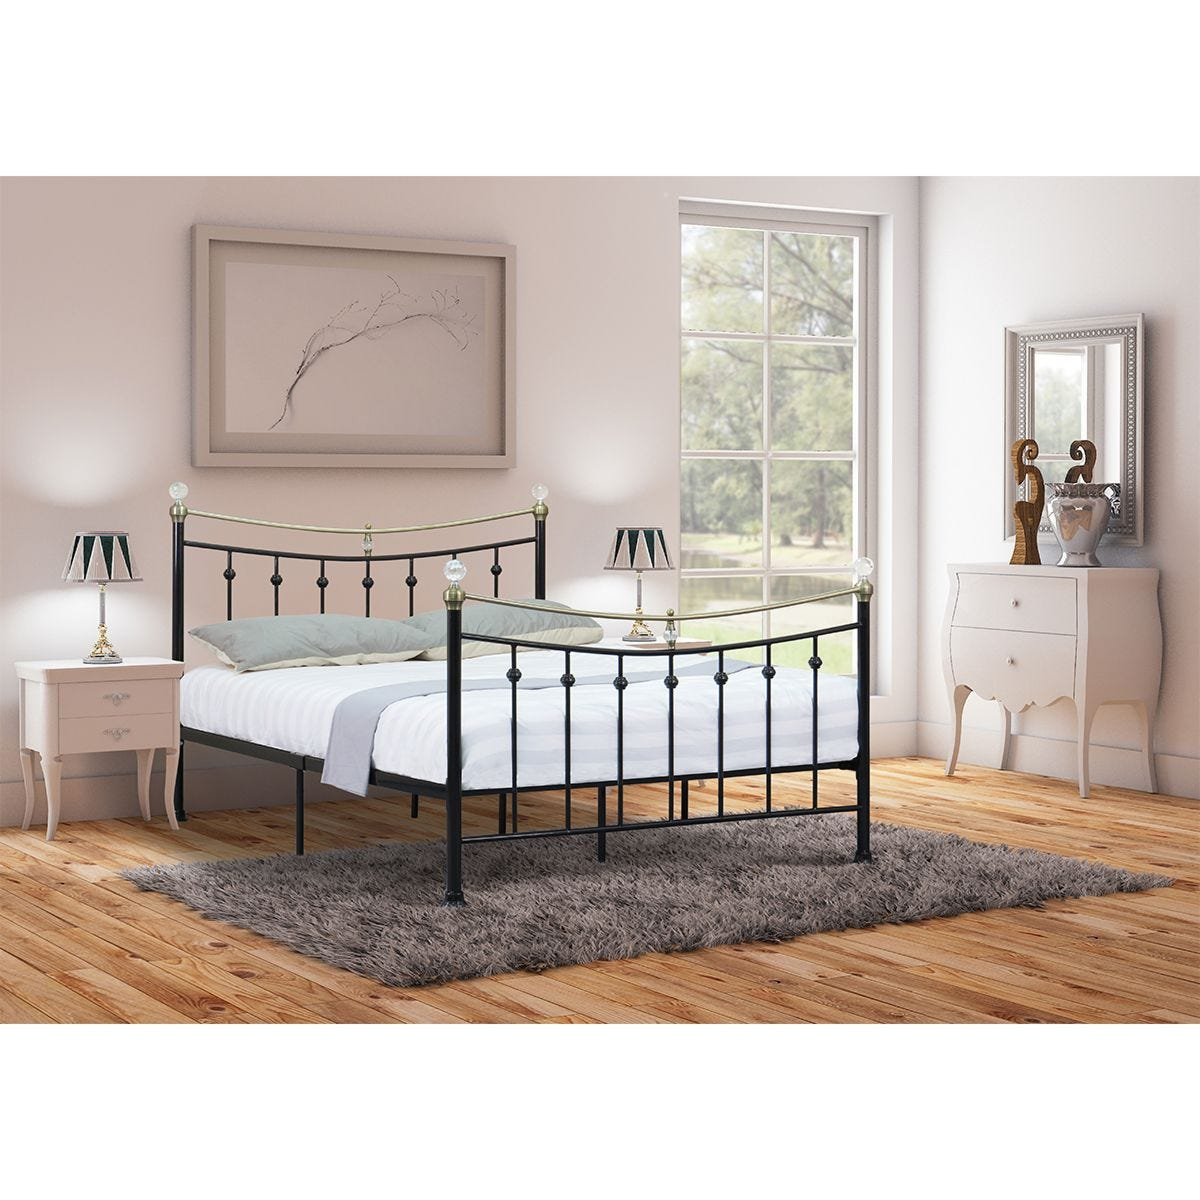 Violet Bed Frame - Black